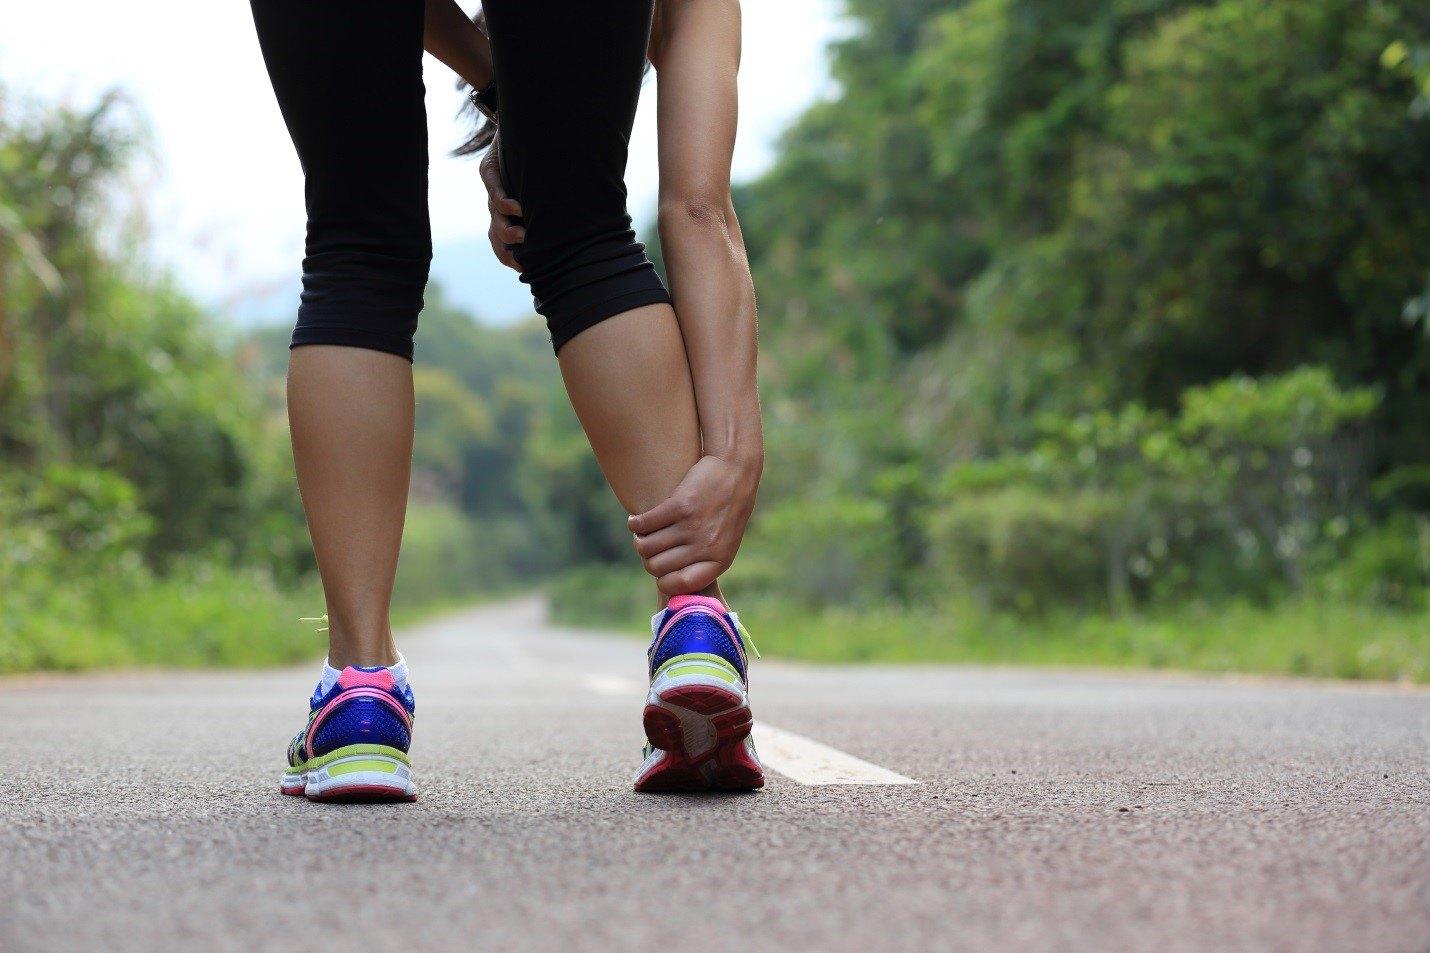 Pantofi de alergare - fără dureri de articulații